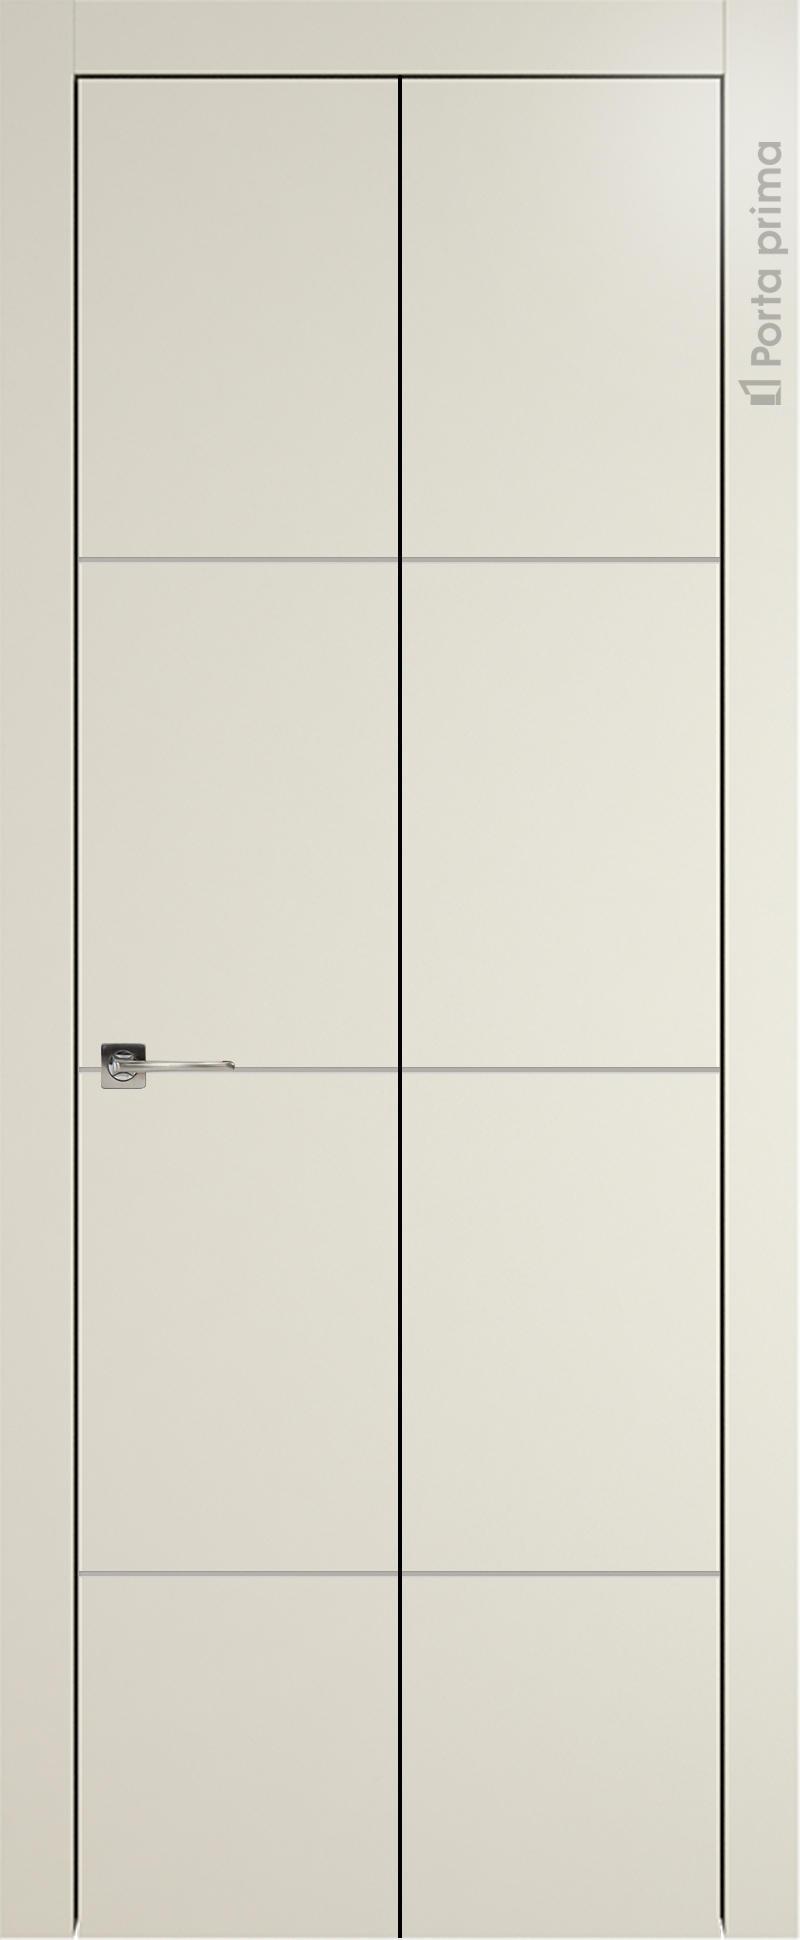 Tivoli Г-2 Книжка цвет - Жемчужная эмаль Без стекла (ДГ)